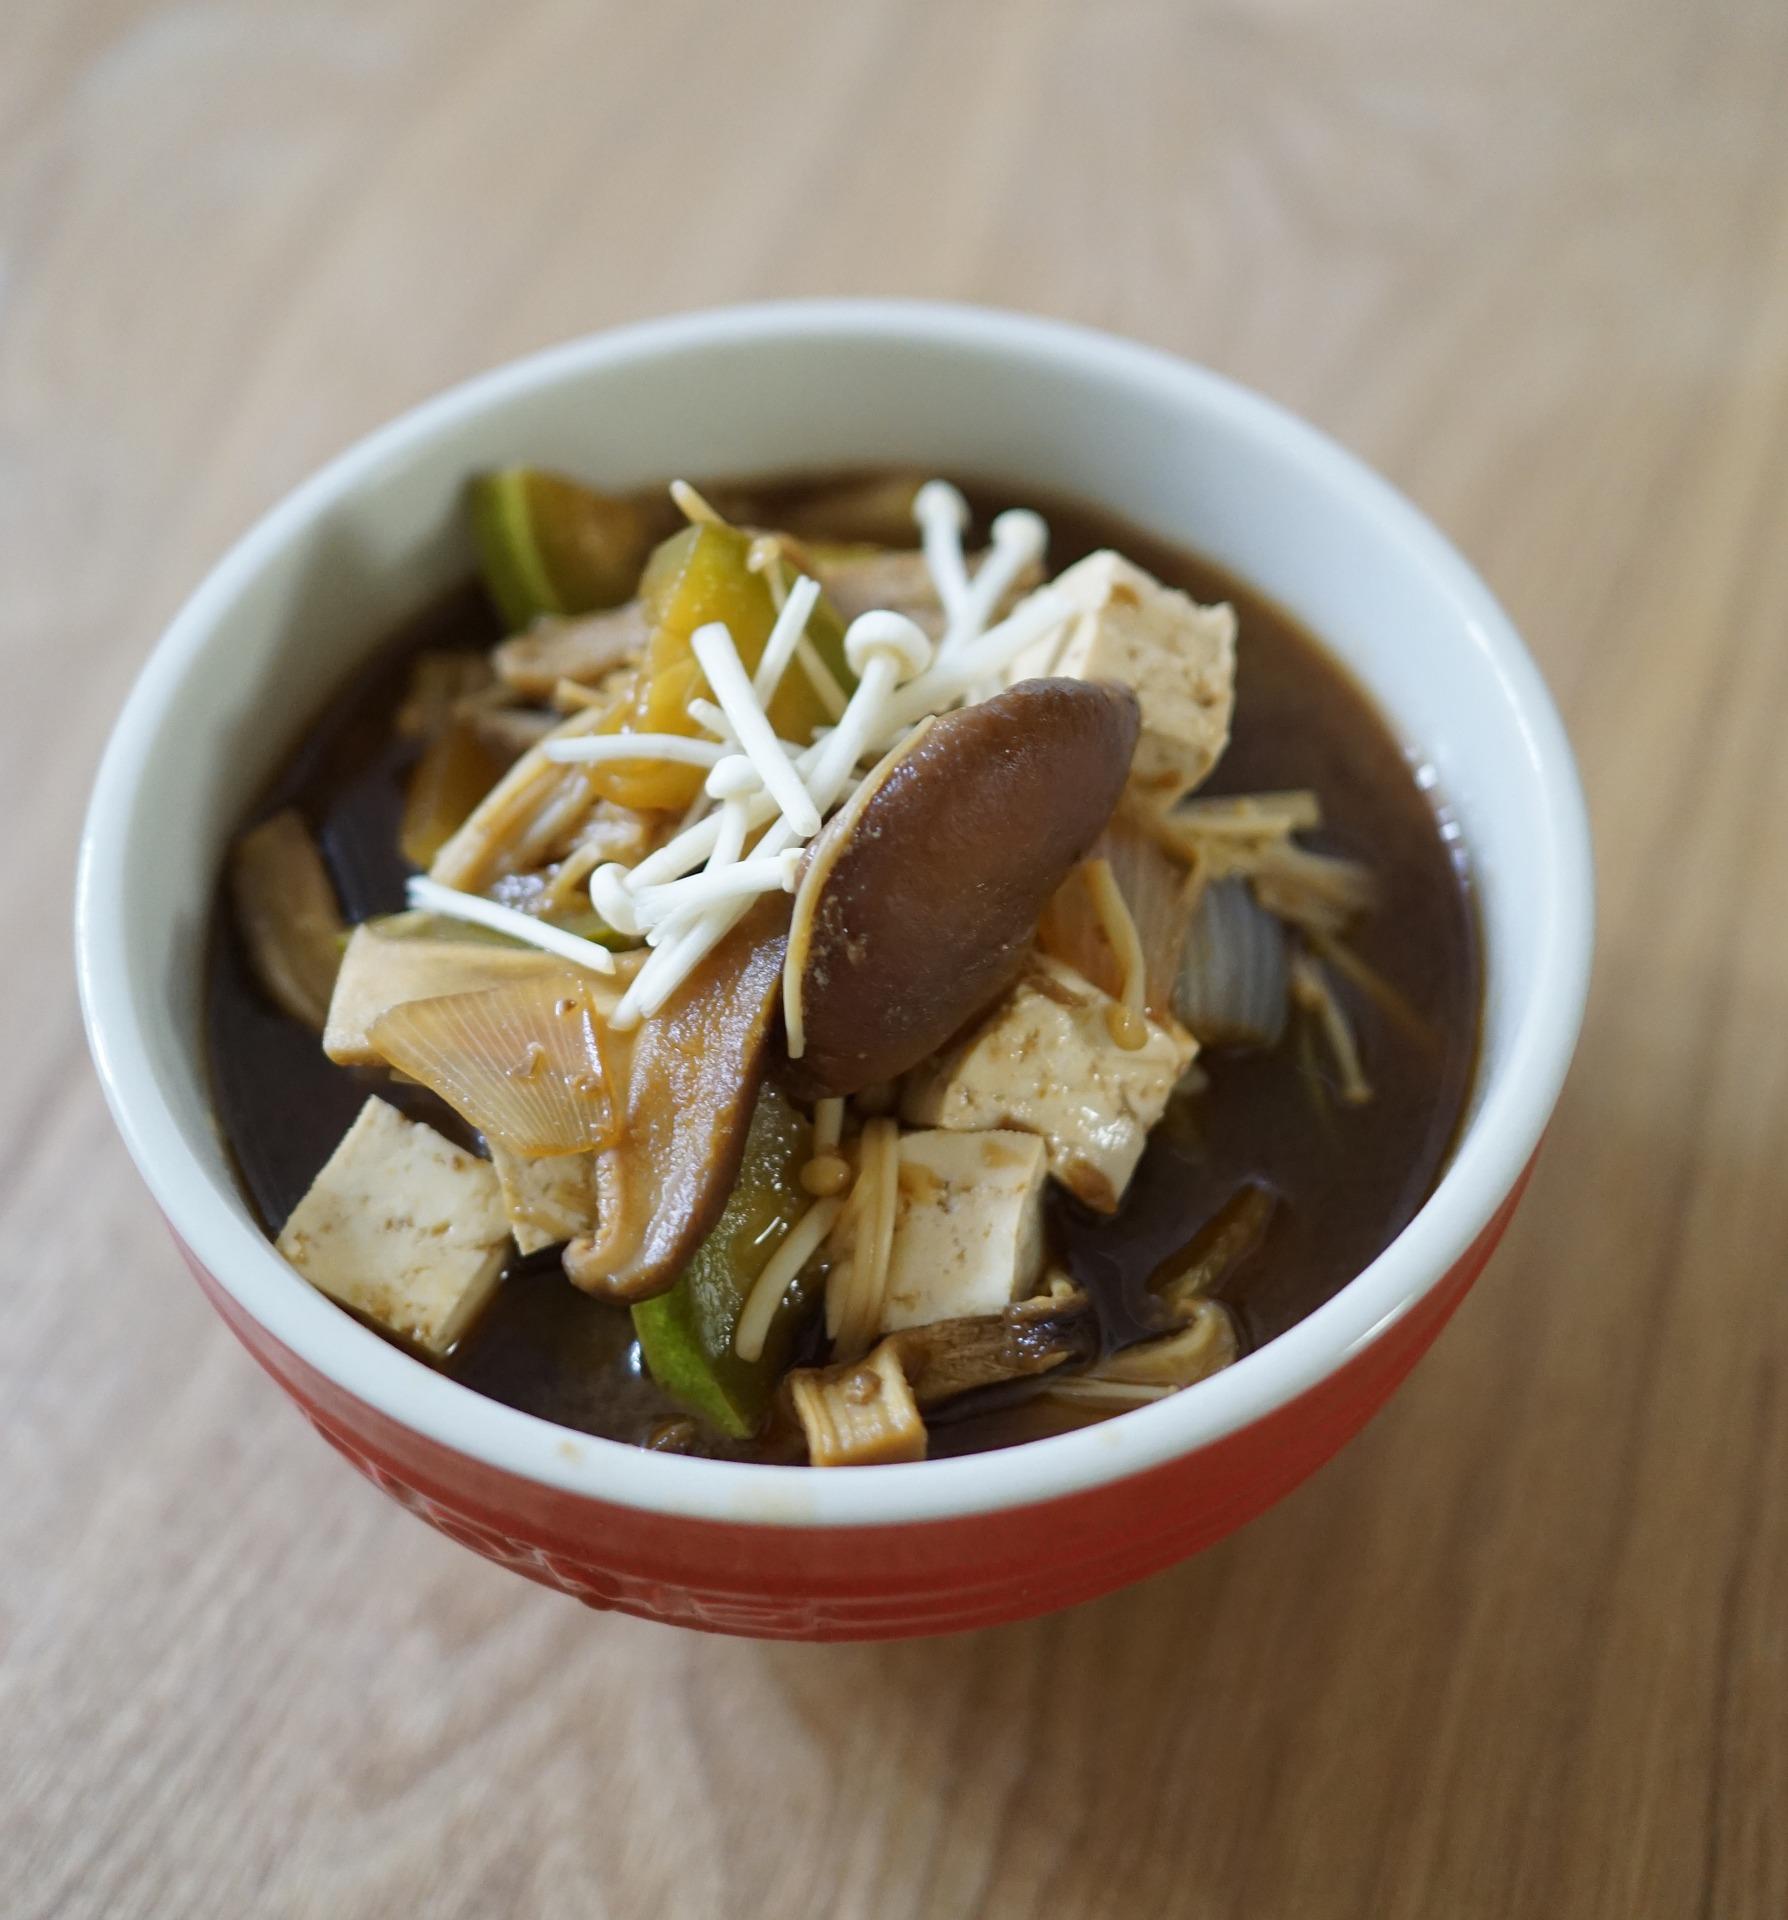 miso-soup-928199_1920